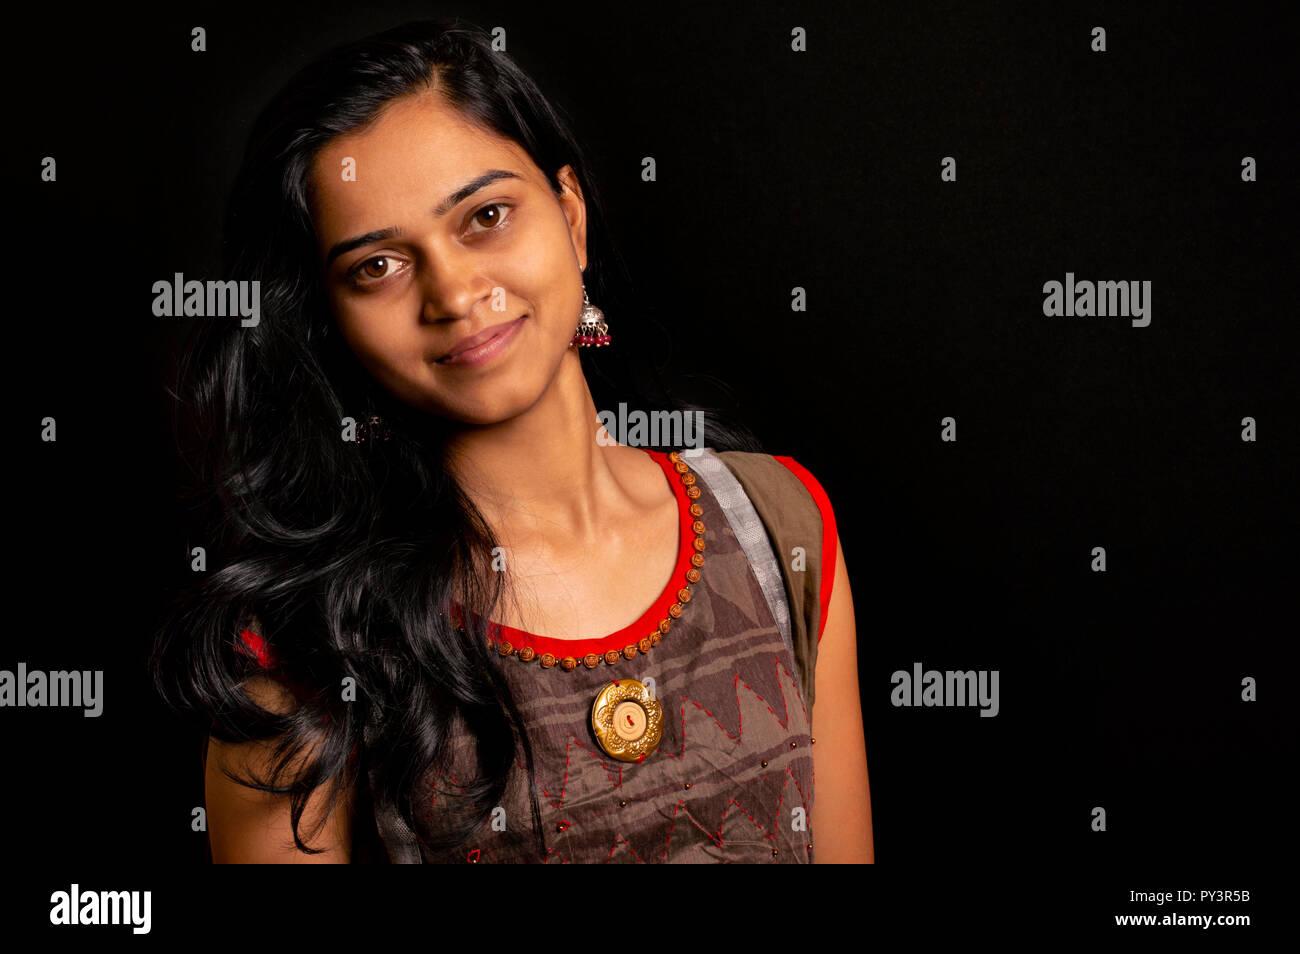 Felice giovani indiani donna sorridente su sfondo nero di Pune, India. Immagini Stock